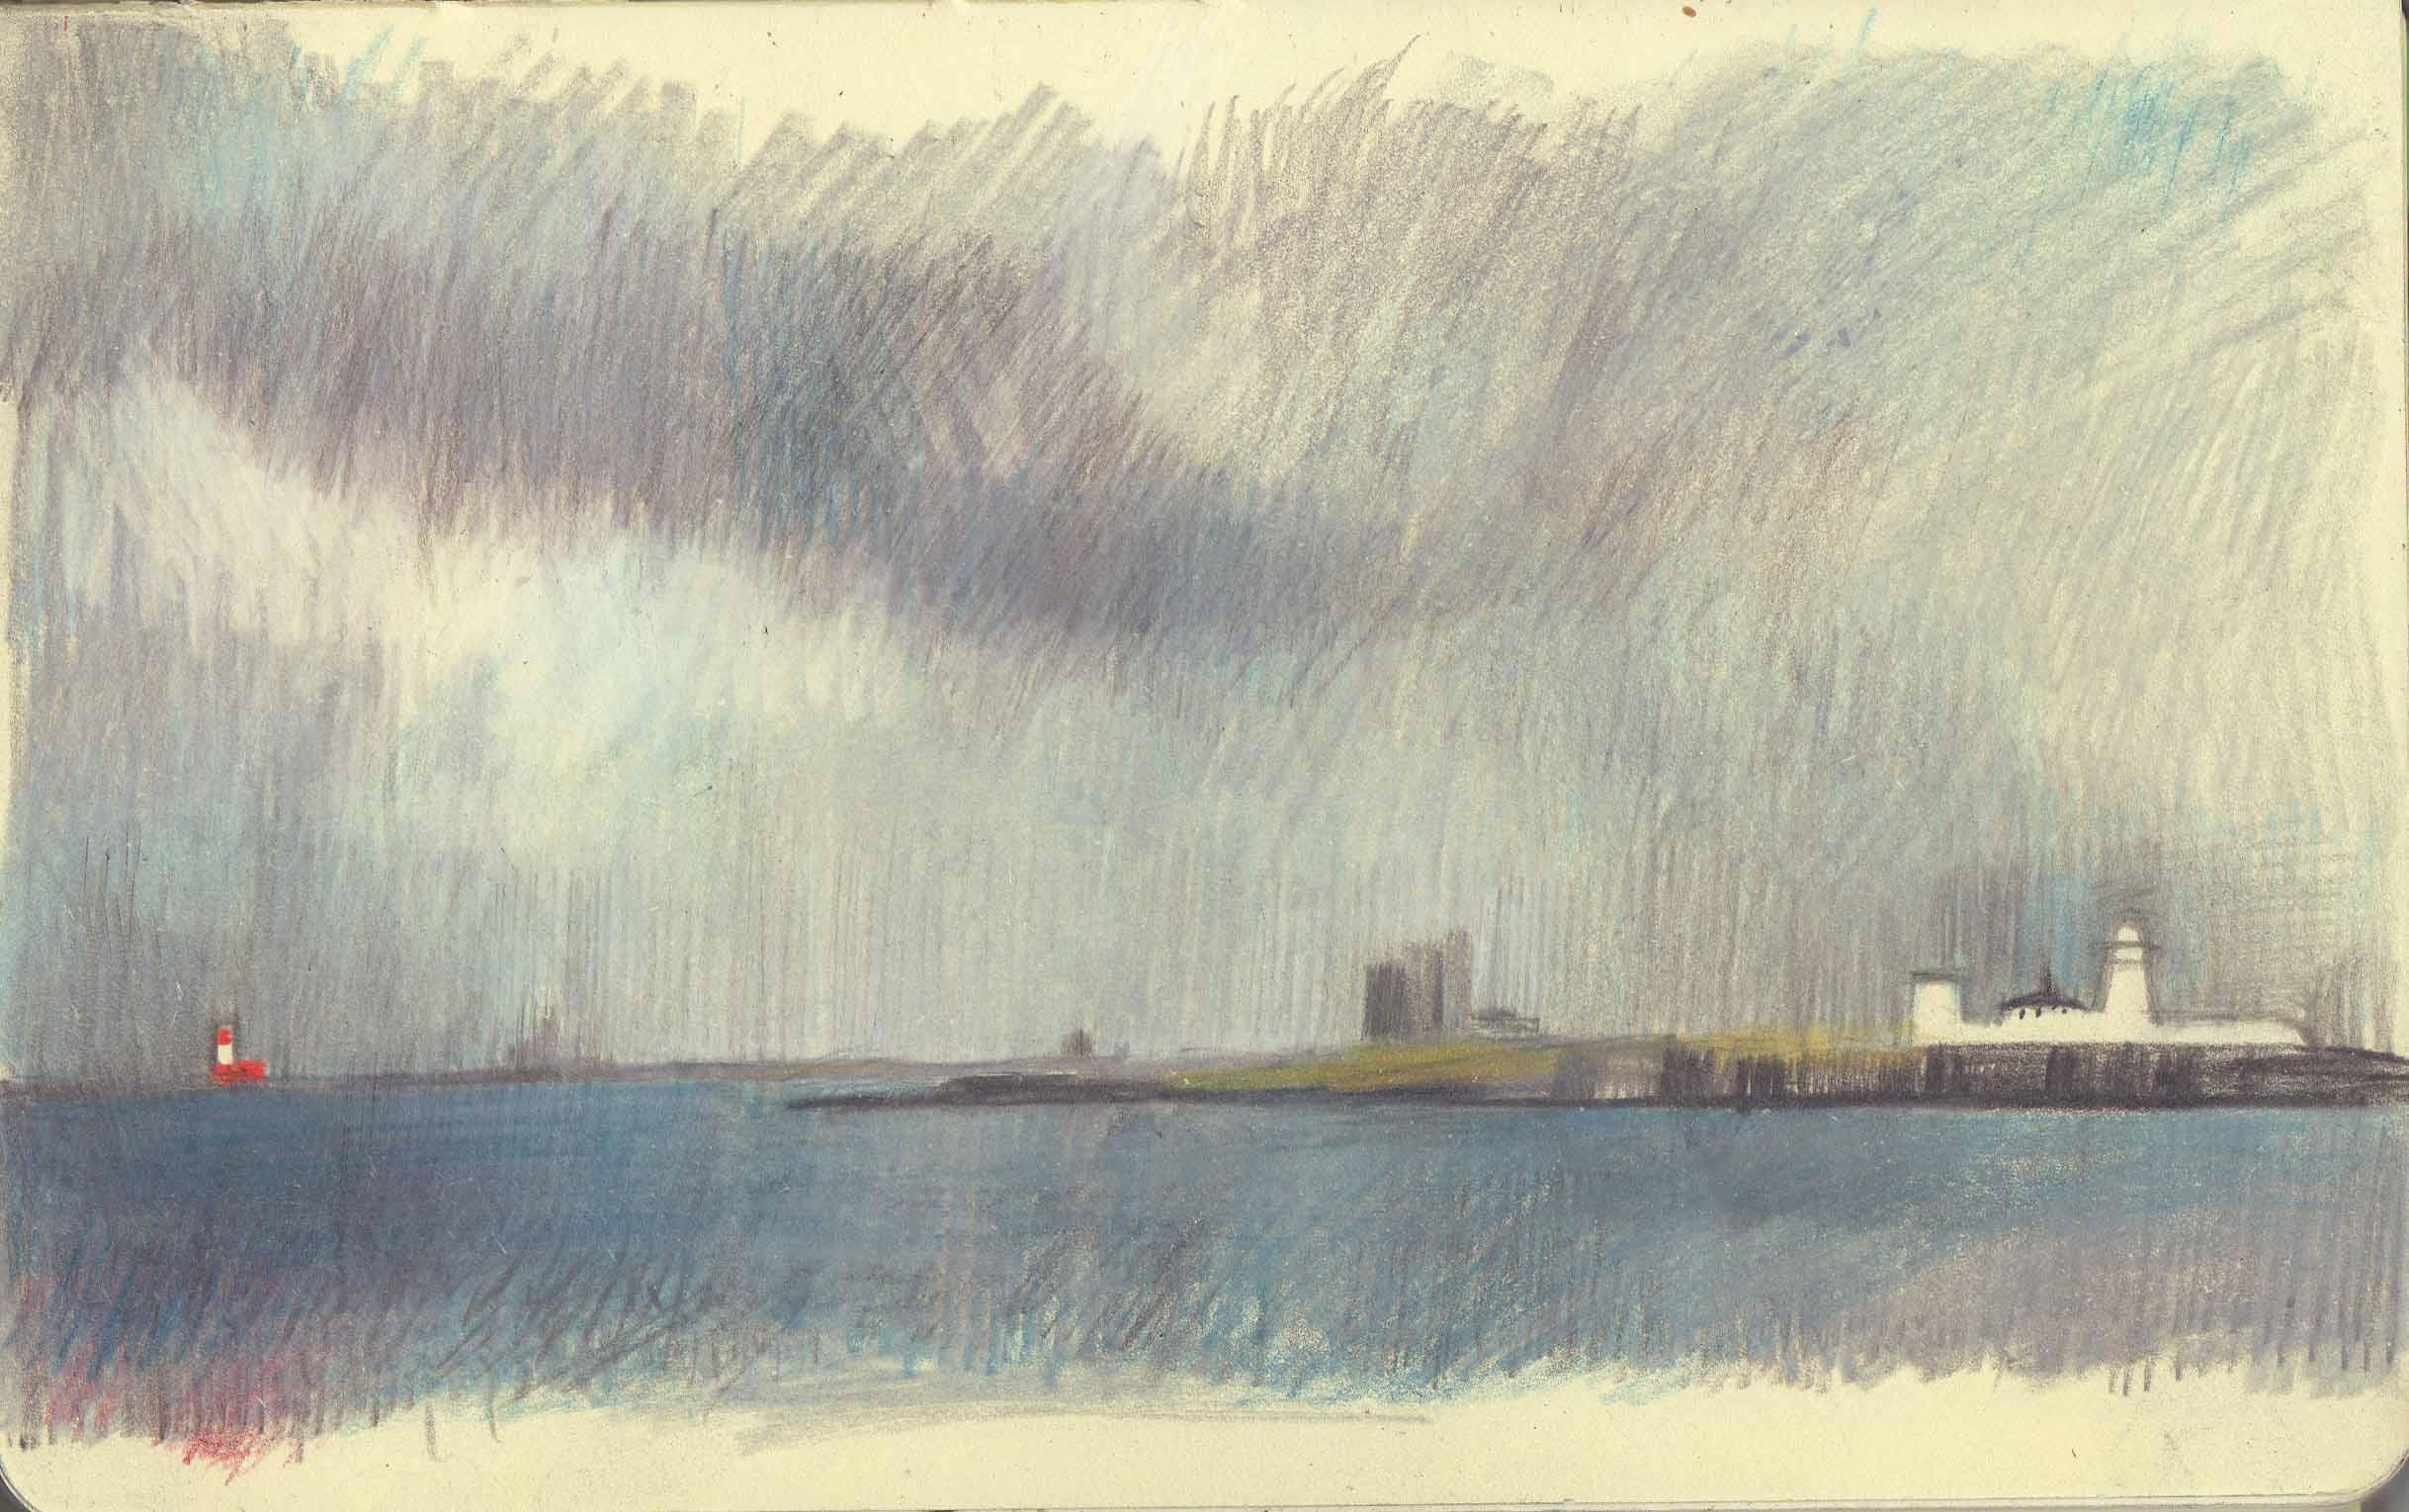 Seascape Sketch 2 by Kyra Cane